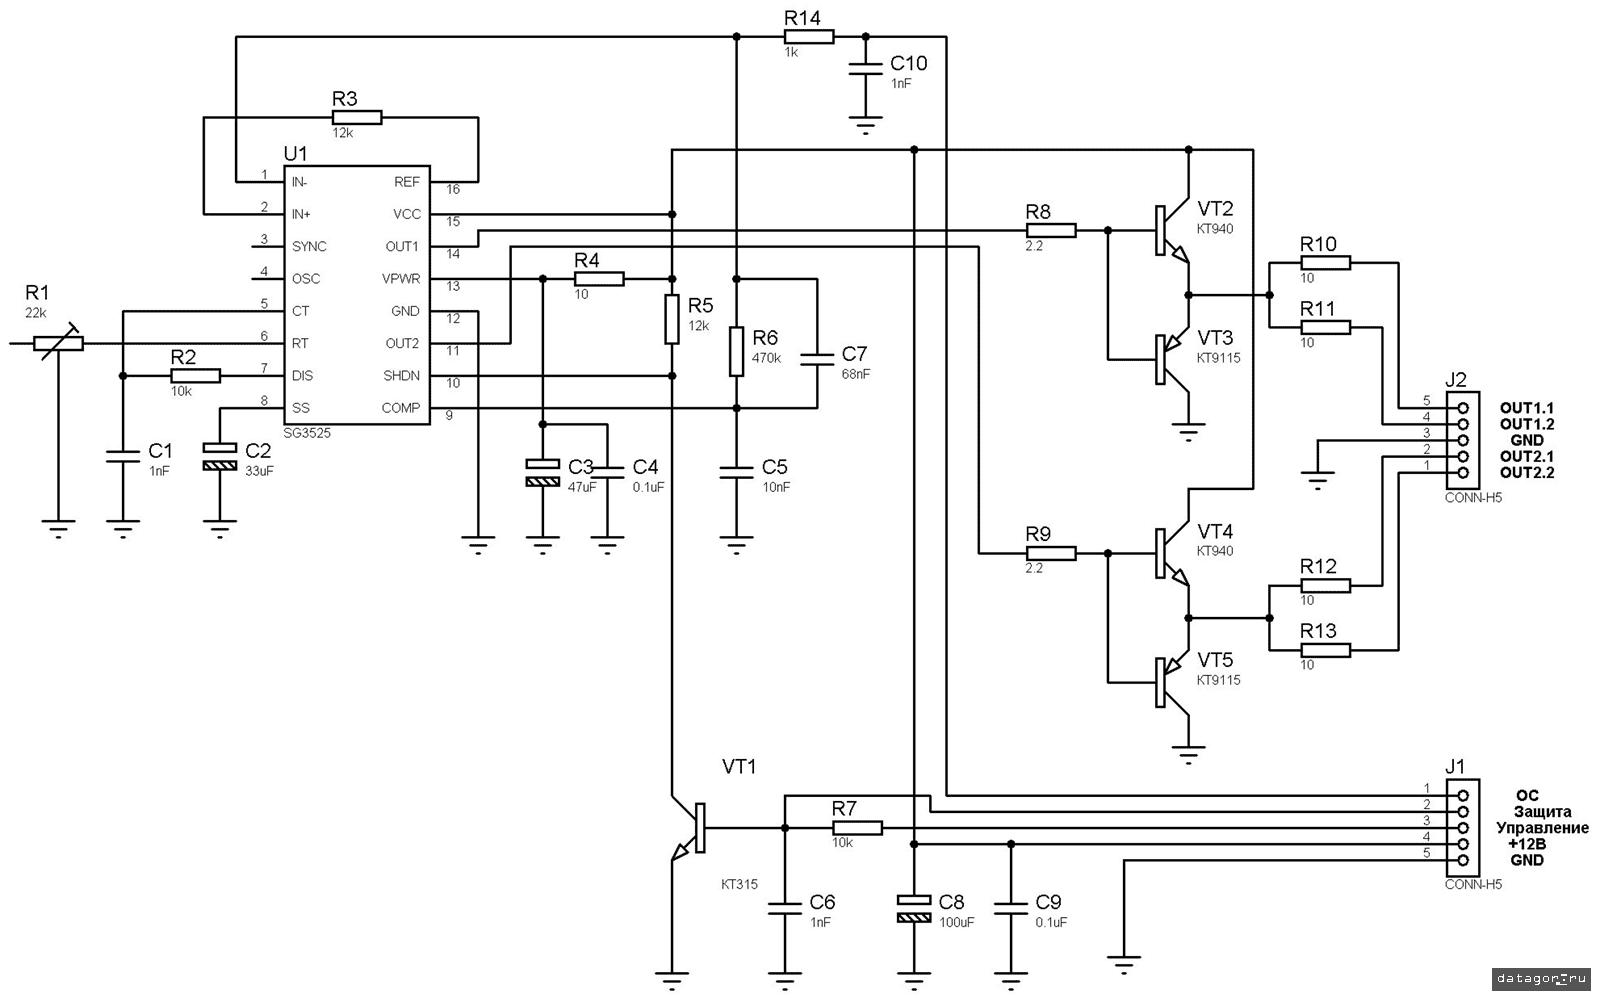 Схема сварочного инвертора принципиальная схема инверторной сварки Схемы сварочных инверторов на sg3525an